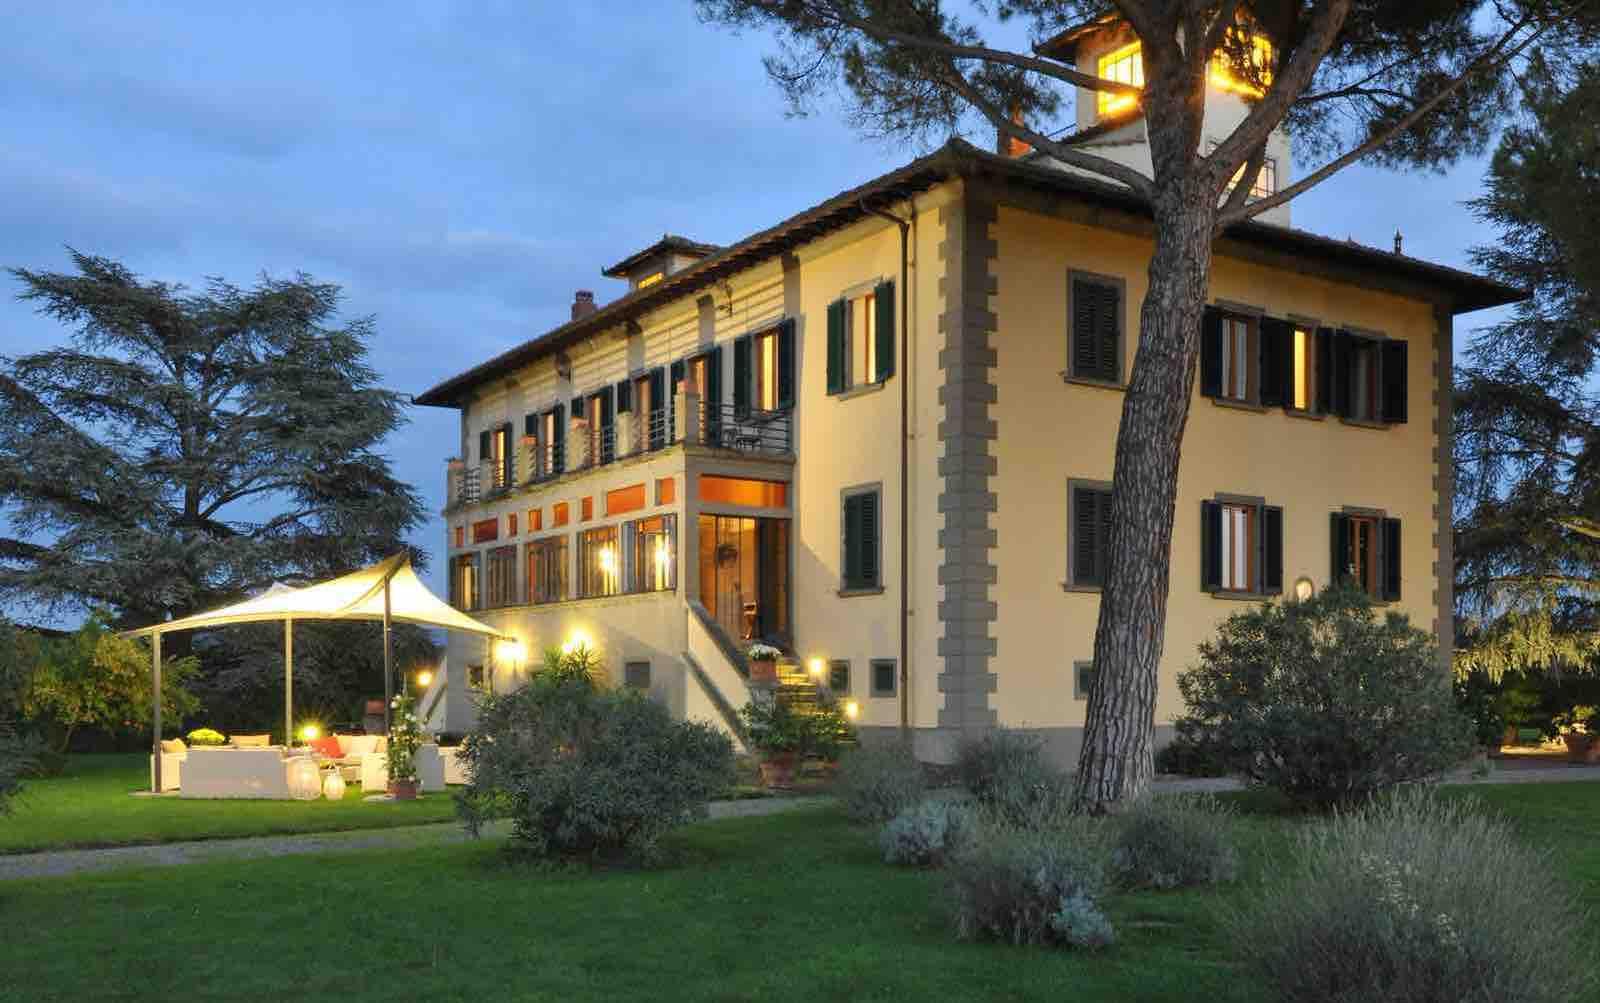 italiensk villa